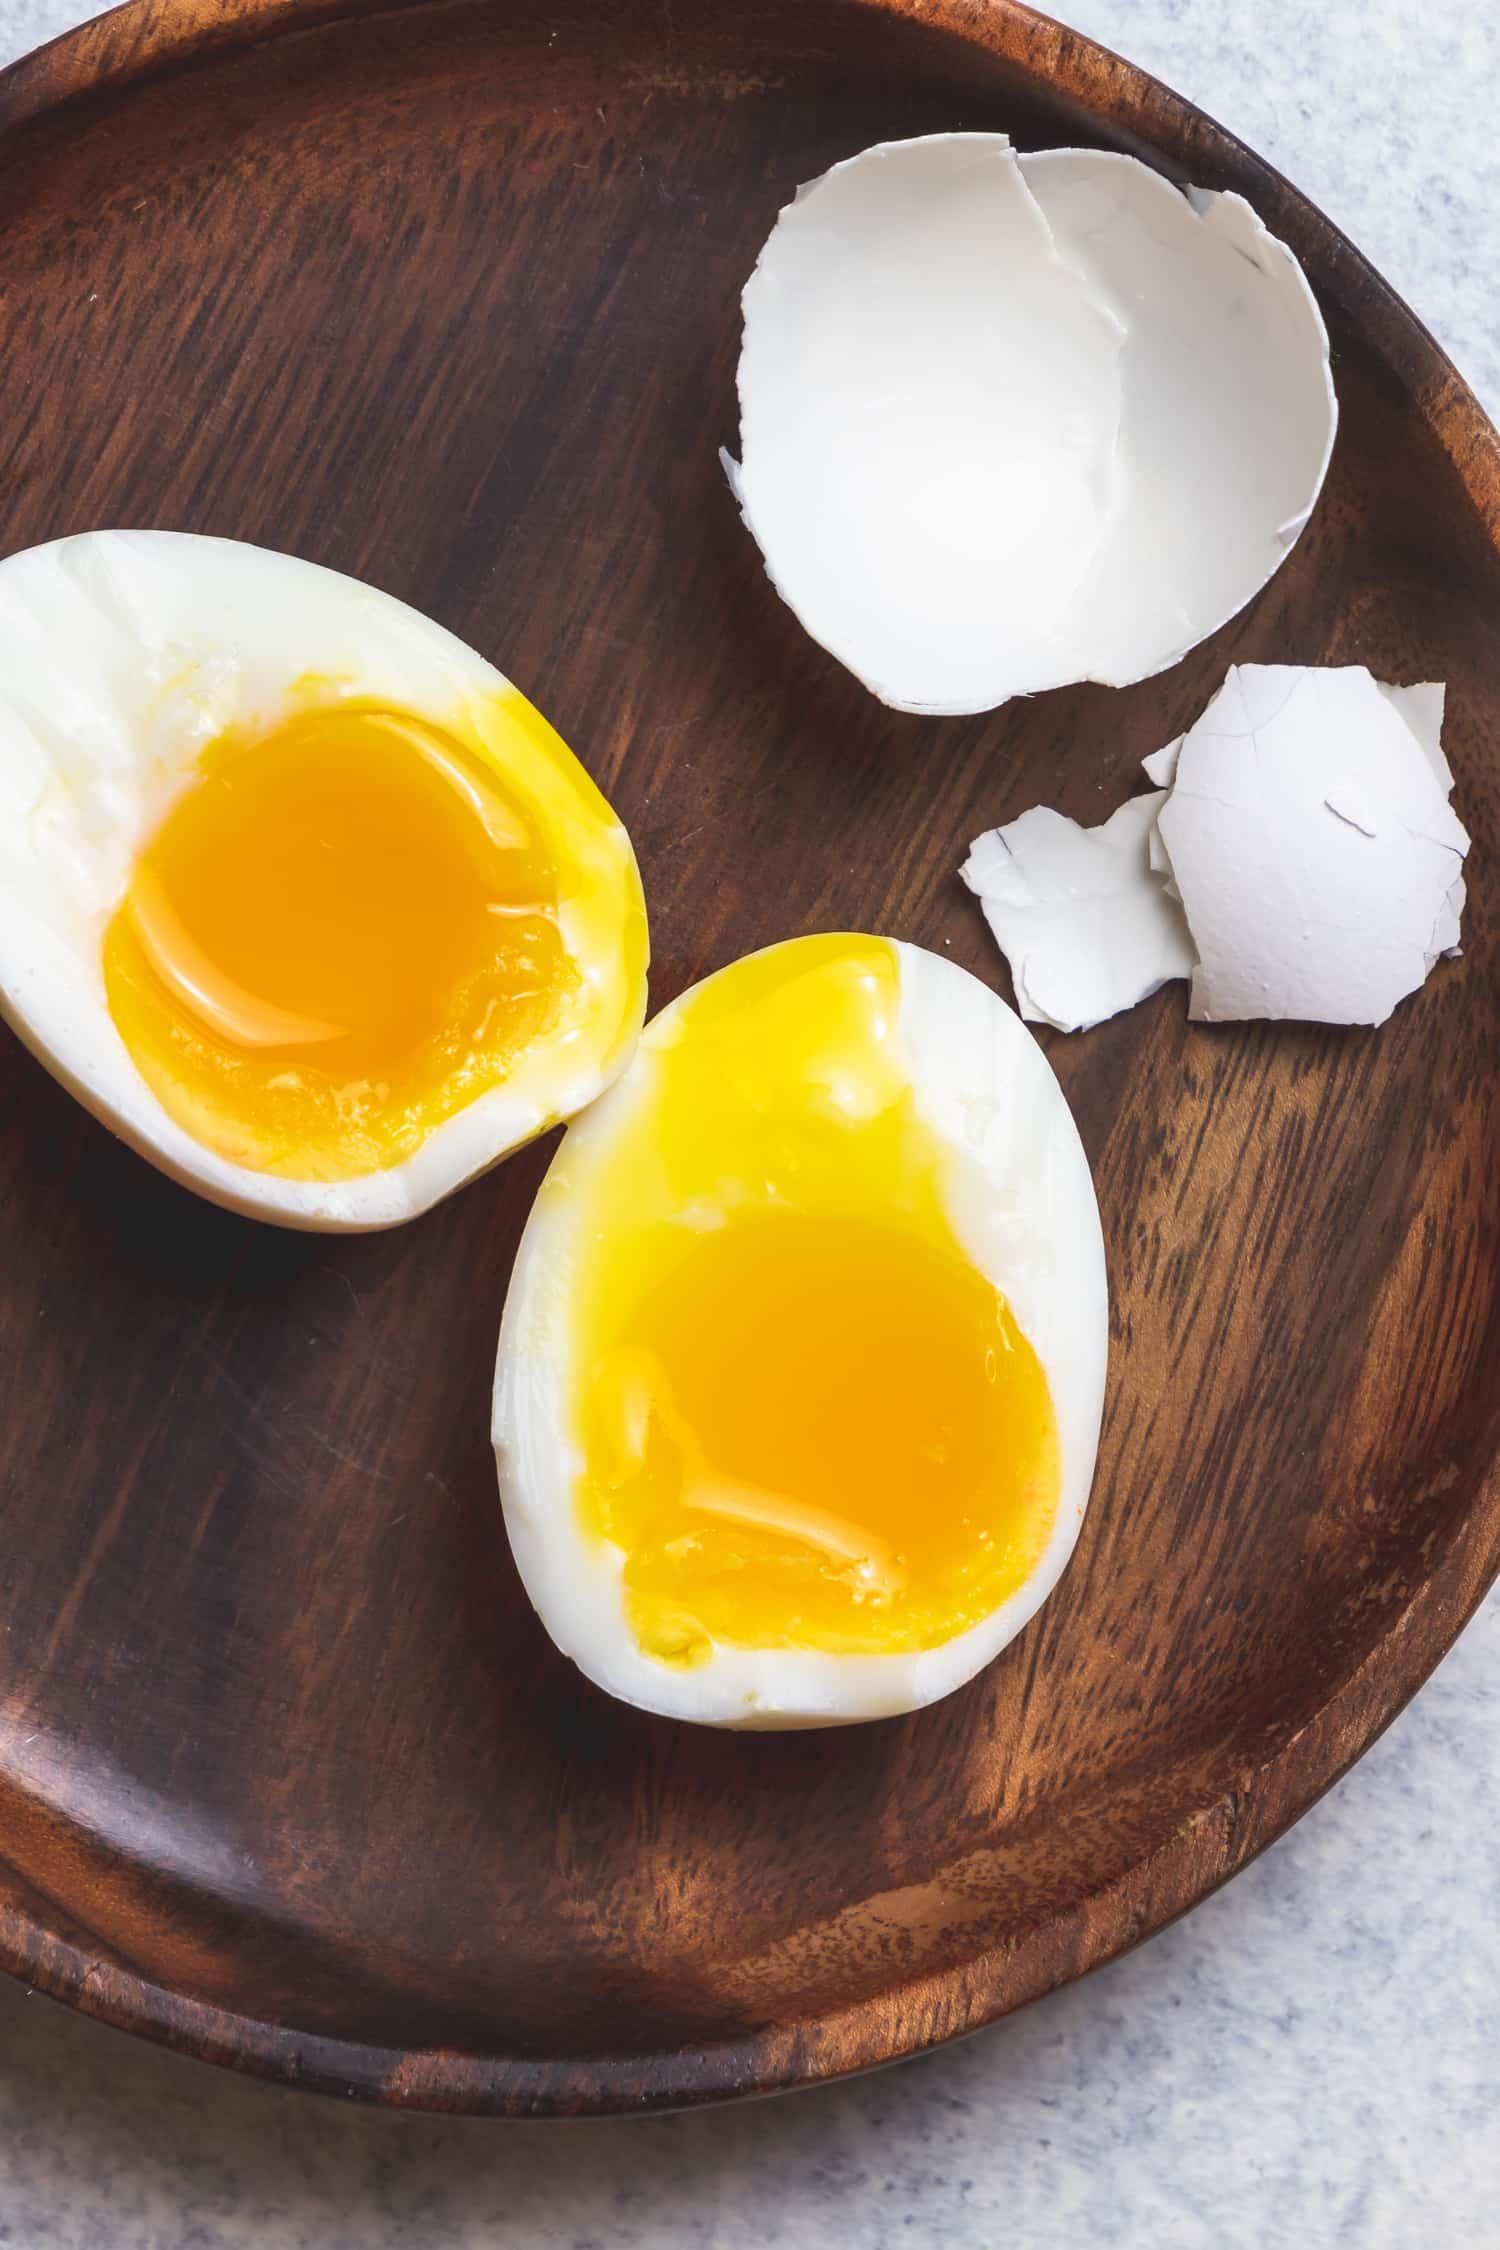 seven minute egg